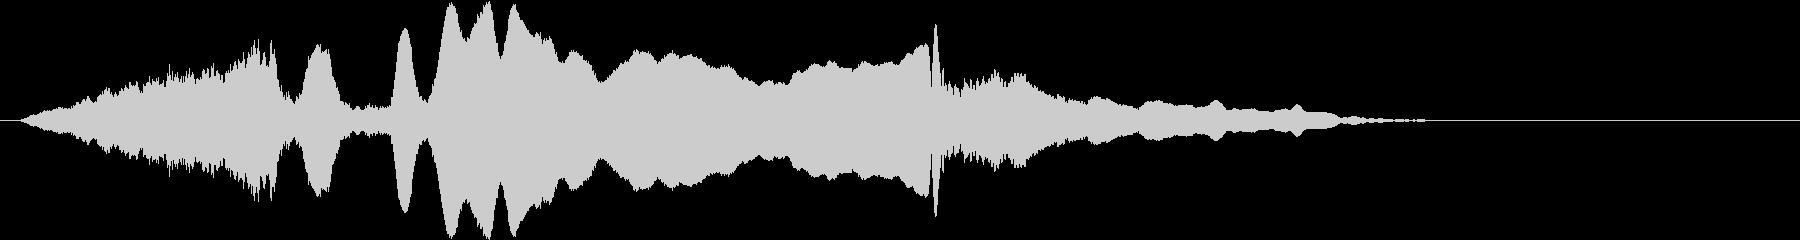 音侍SE「尺八フレーズ1」エニグマ音08の未再生の波形